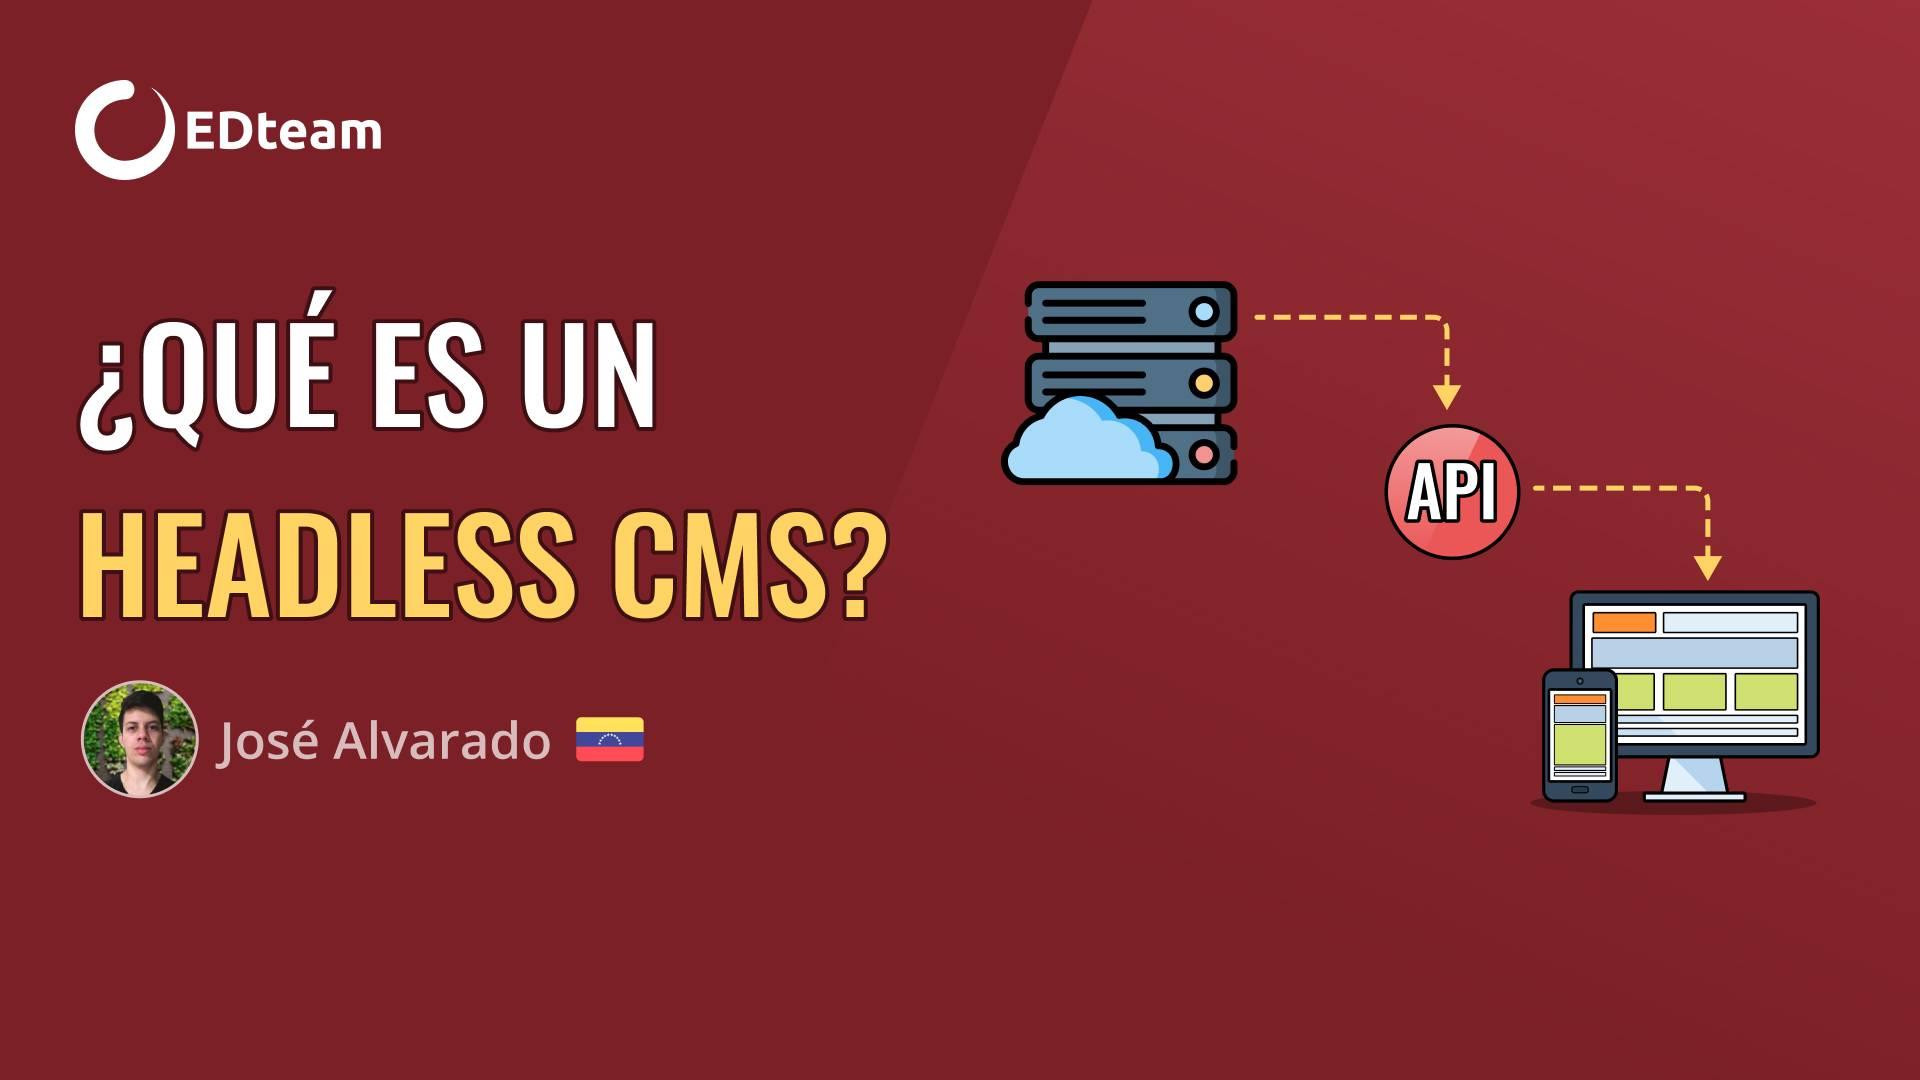 ¿Qué es un Headless CMS y en qué se diferencia de un CMS común?